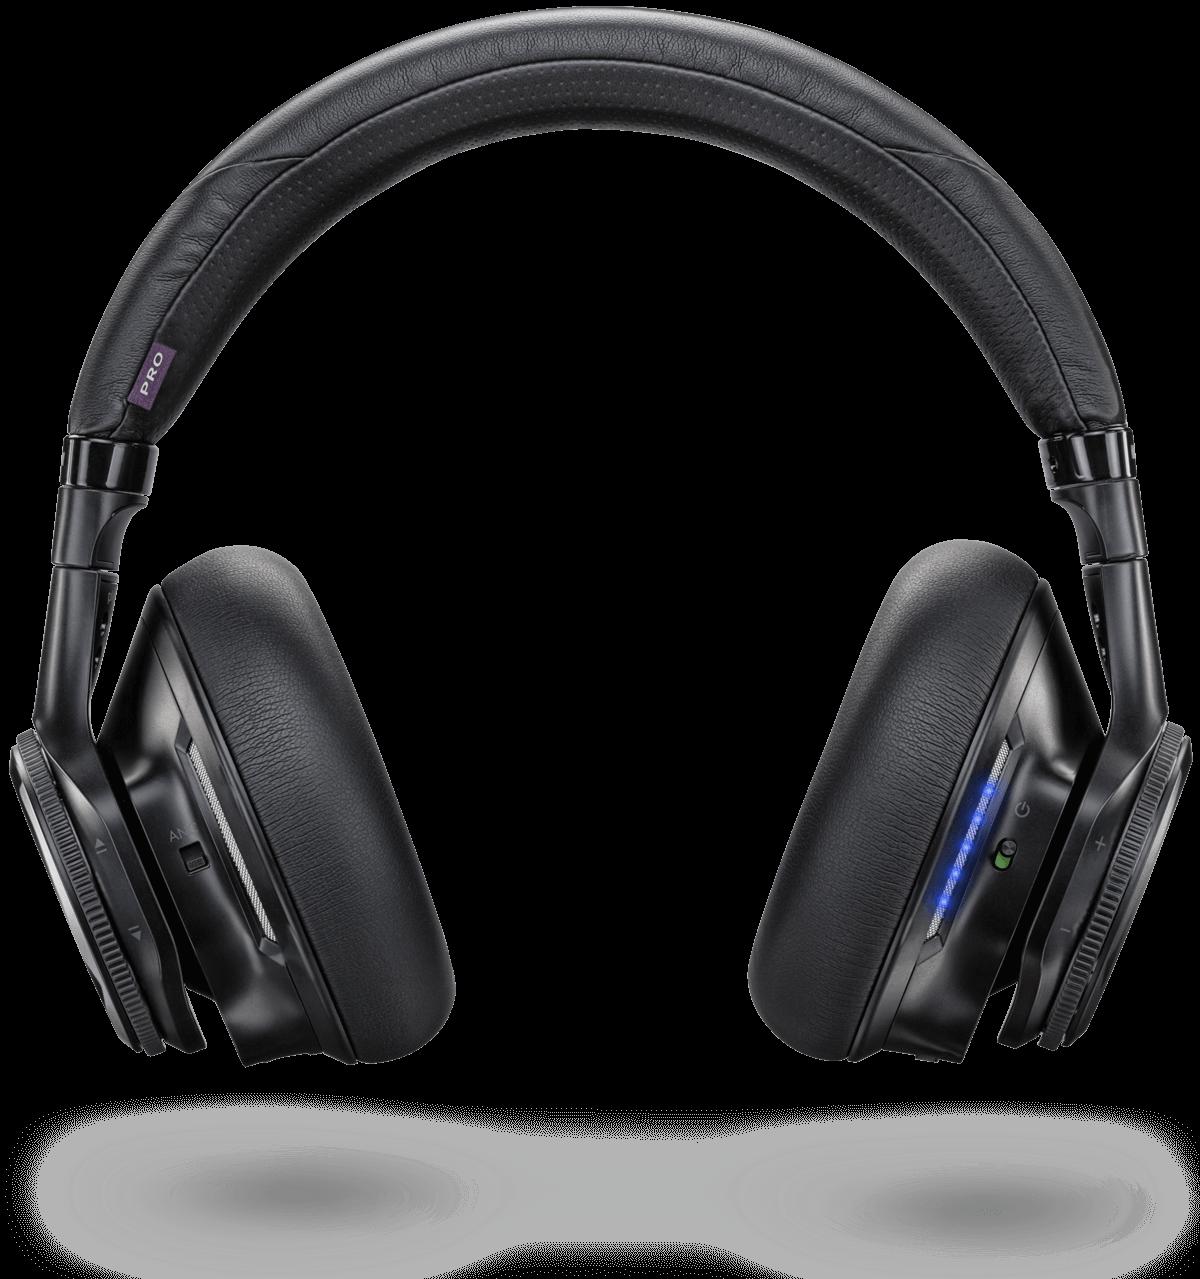 431726e3679aebb08c4d5ac205de075f - How Do I Get My Plantronics Headset To Ring